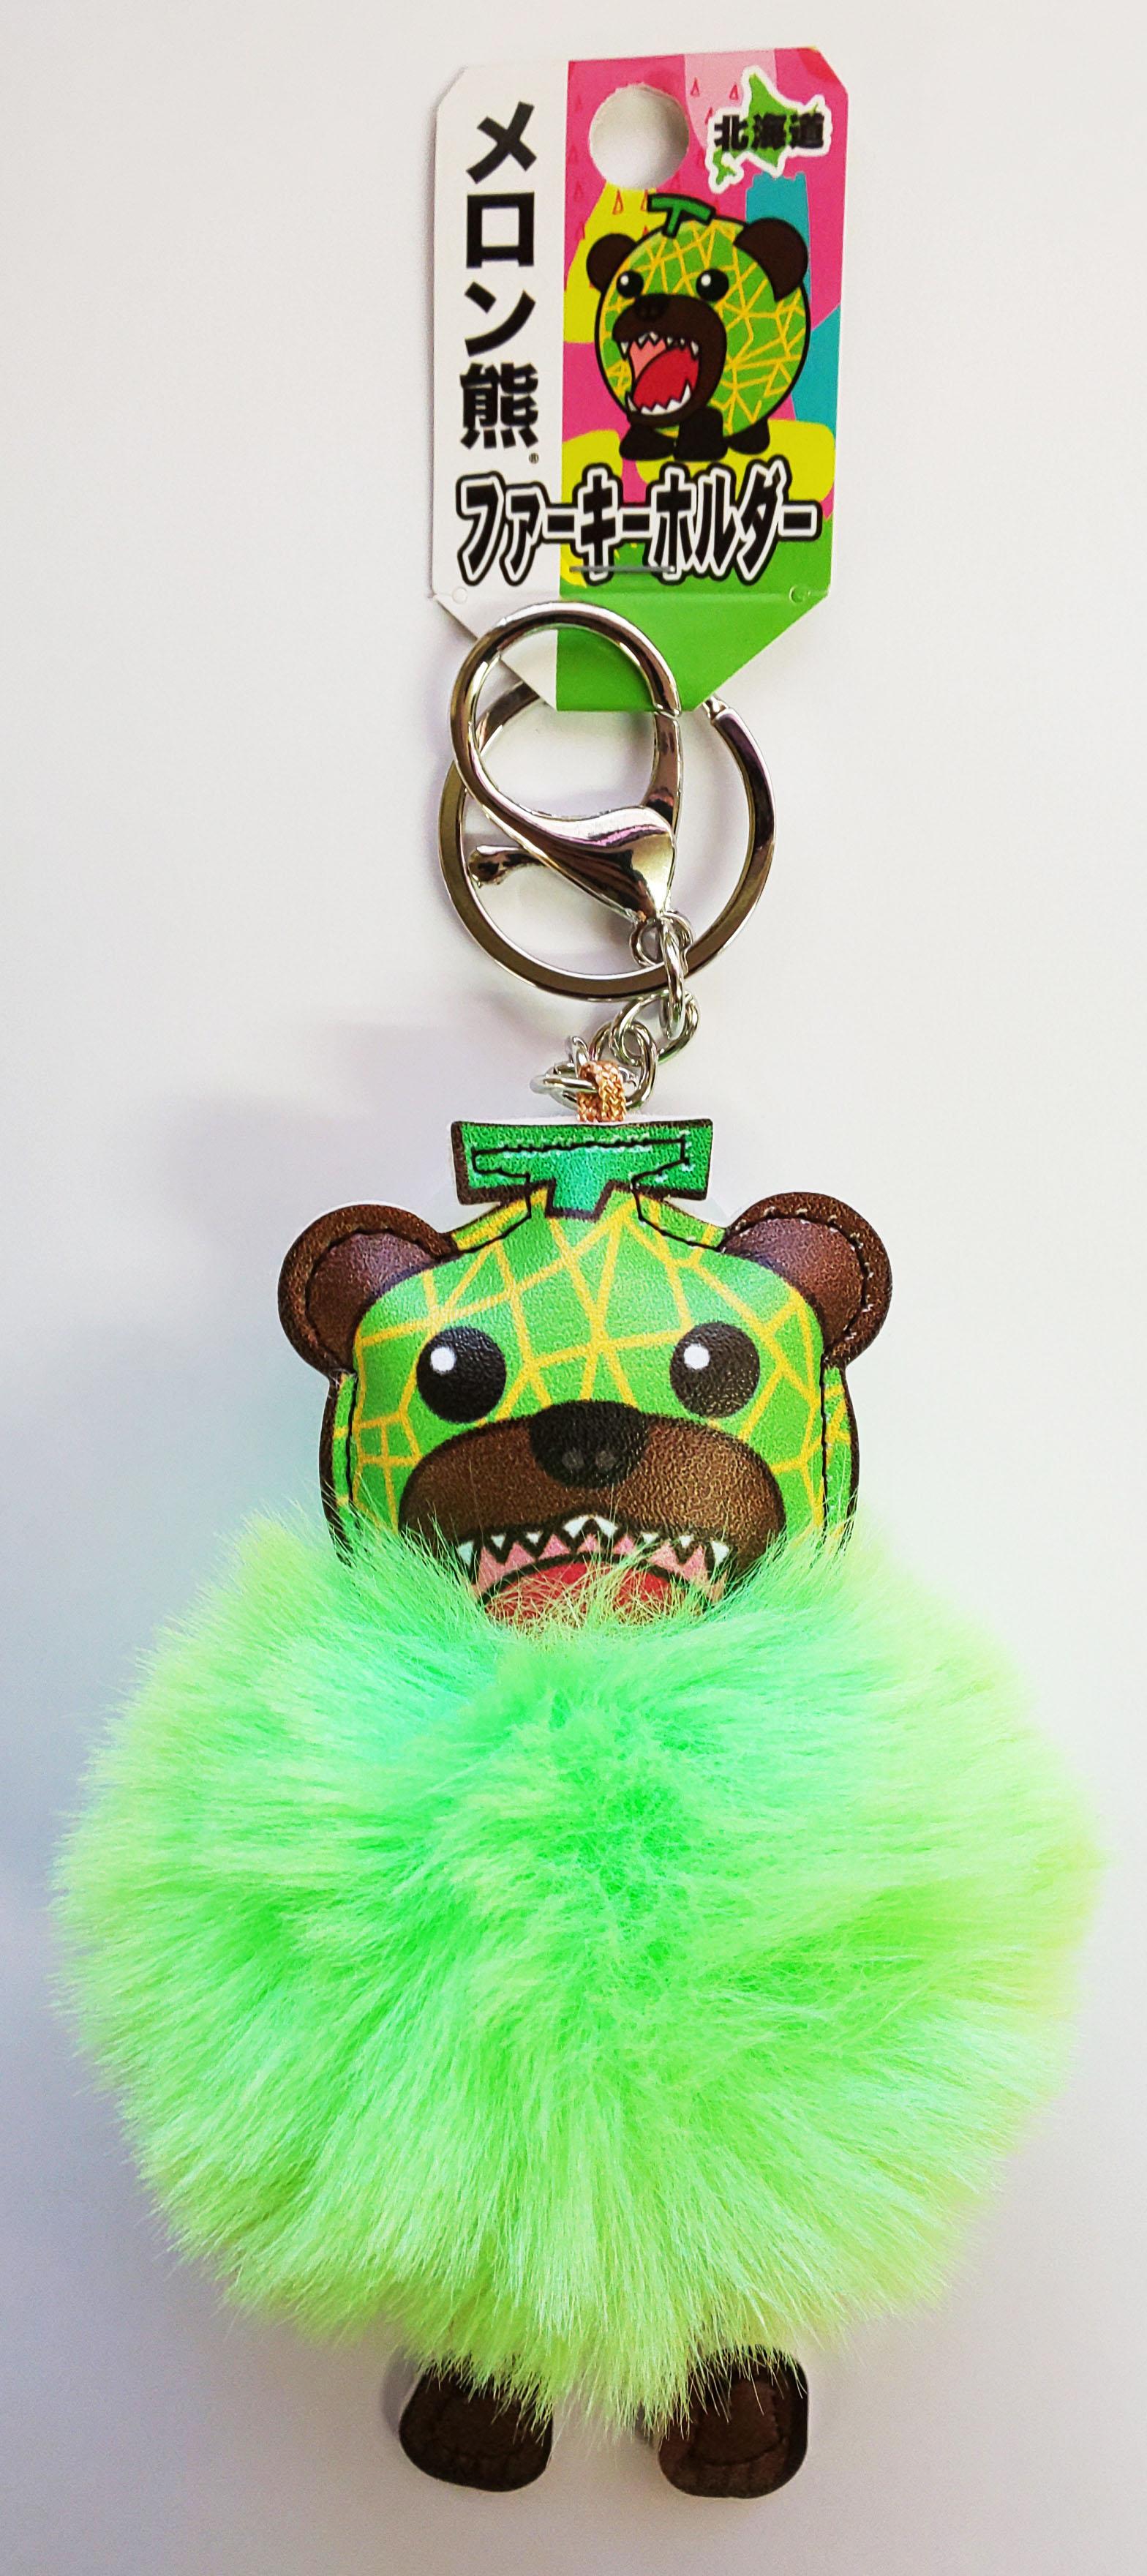 メロン熊 ファーキーホルダー 緑